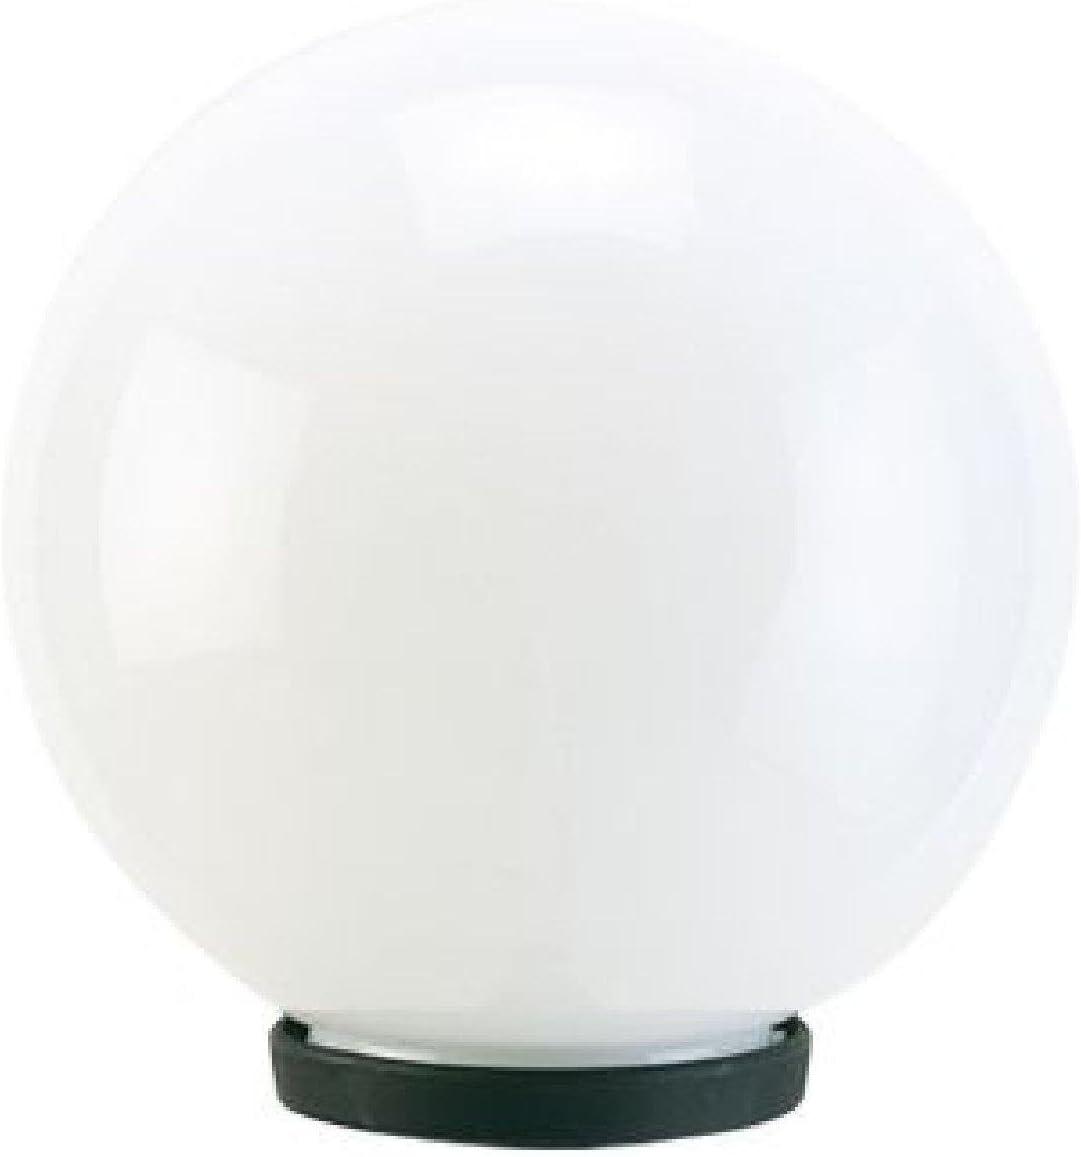 Farol para palo 'globo' estructura de termoplástico. Apta para lámparas ad Incandescenza y a bajo consumo. Casquillo portalámparas E27, IP44. Casquillo a columna de diámetro 60mm. Solo cuerpo Farol,